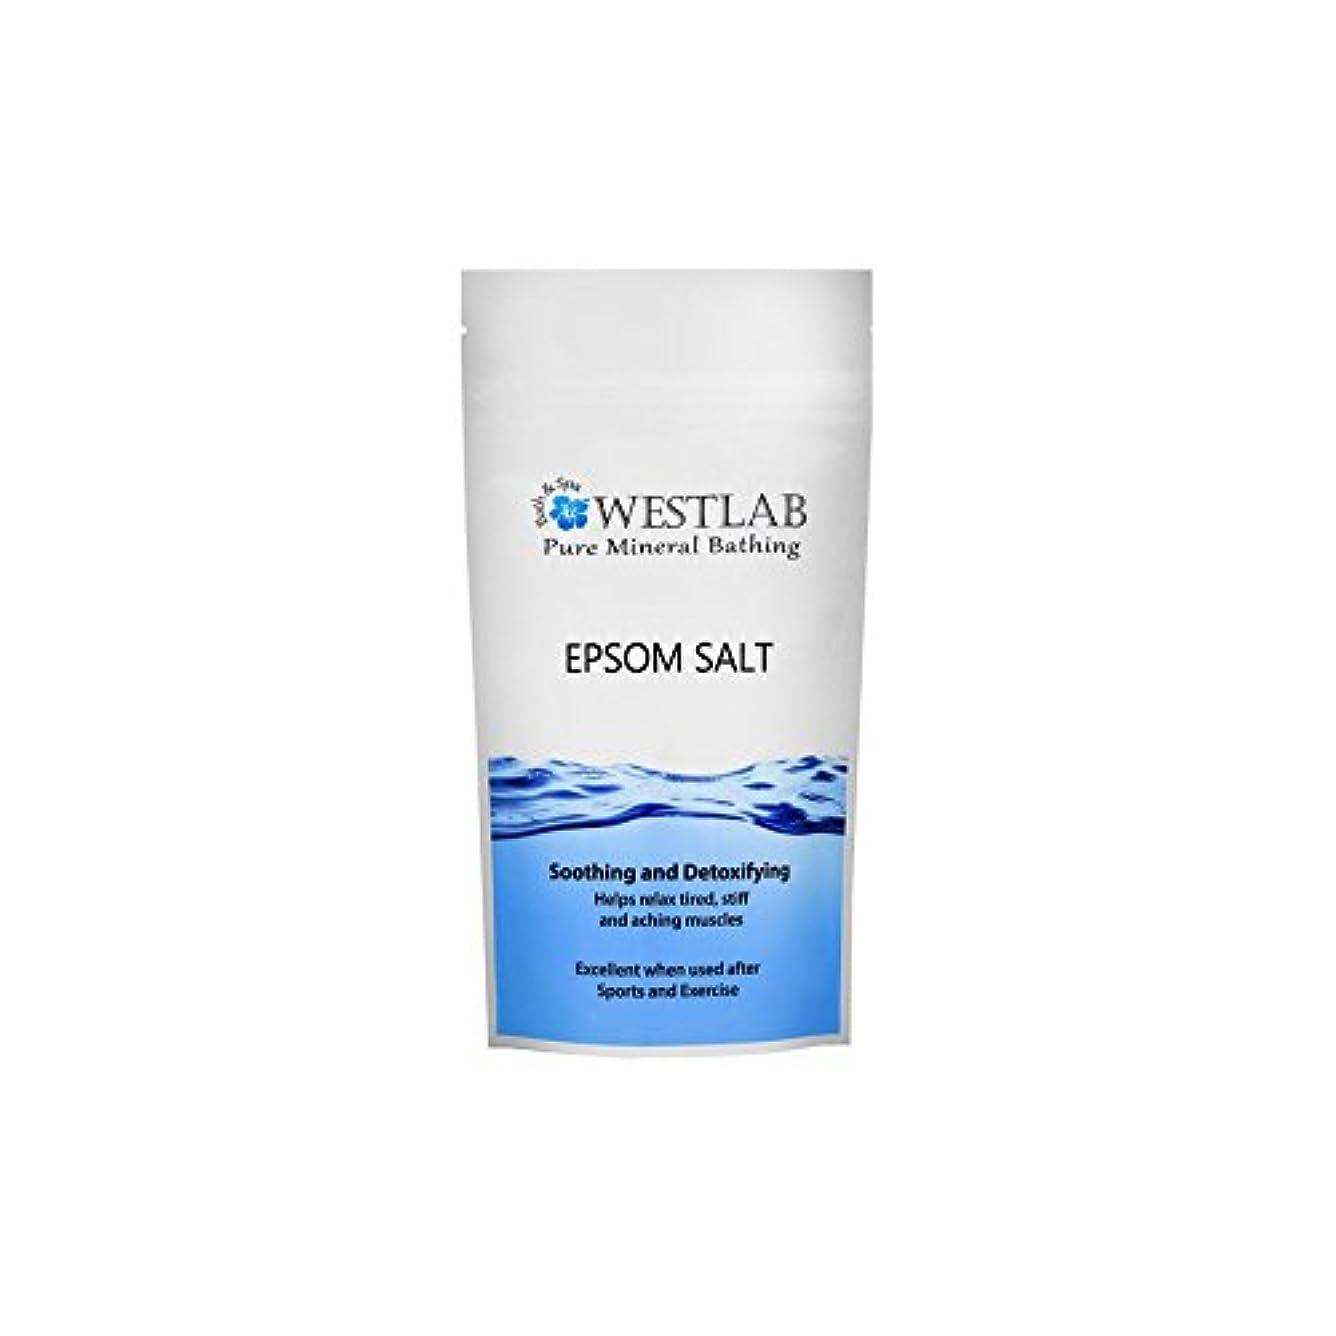 エプソム塩の2キロ x2 - Westlab Epsom Salt 2kg (Pack of 2) [並行輸入品]